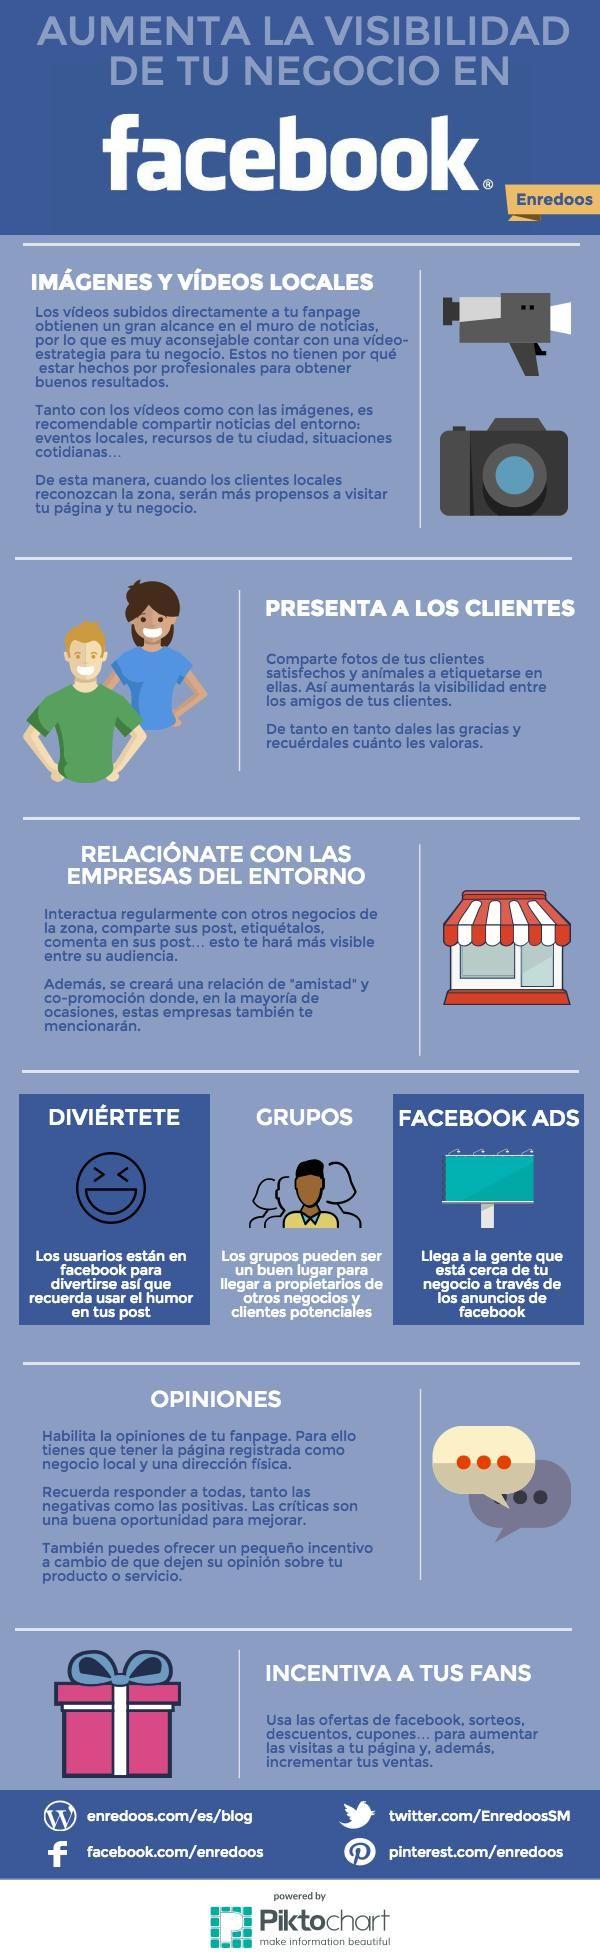 Hola: Una infografía que dice: Aumenta la visibilidad de tu empresa en Facebook. Vía Un saludo